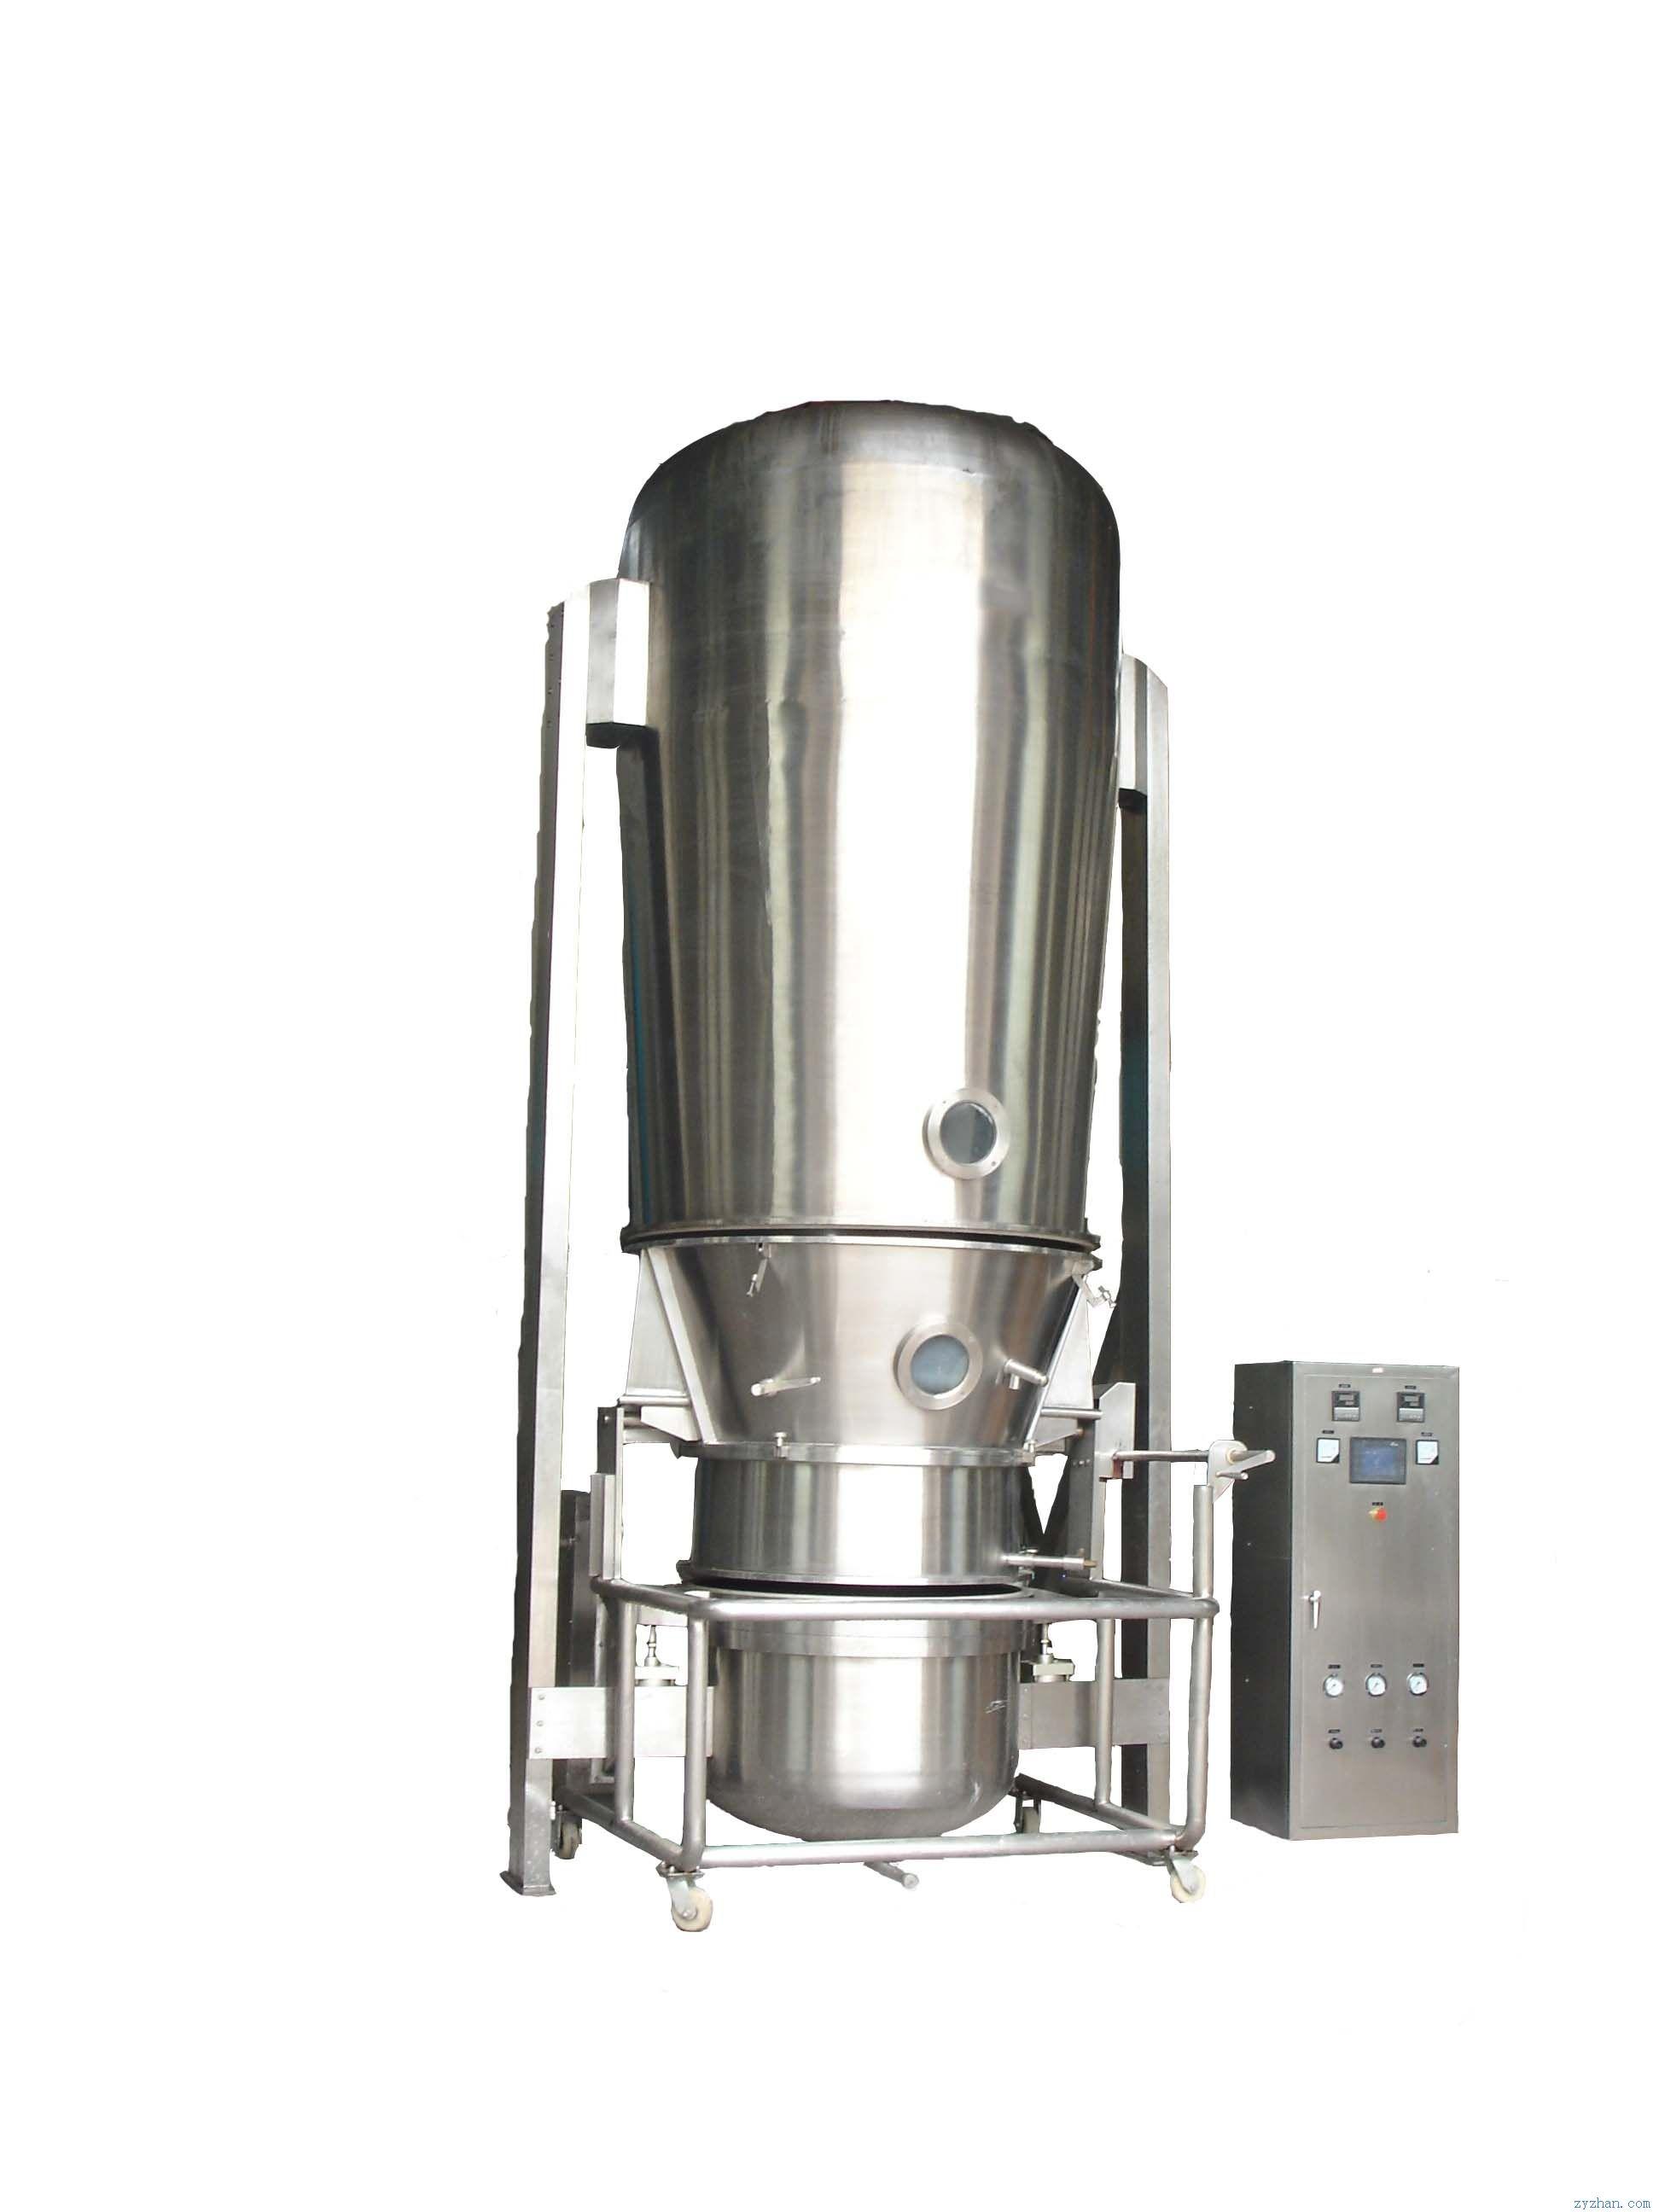 实验室流化床干燥机_流化床干燥机的工作流程和特点-常州范群干燥机设备有限公司